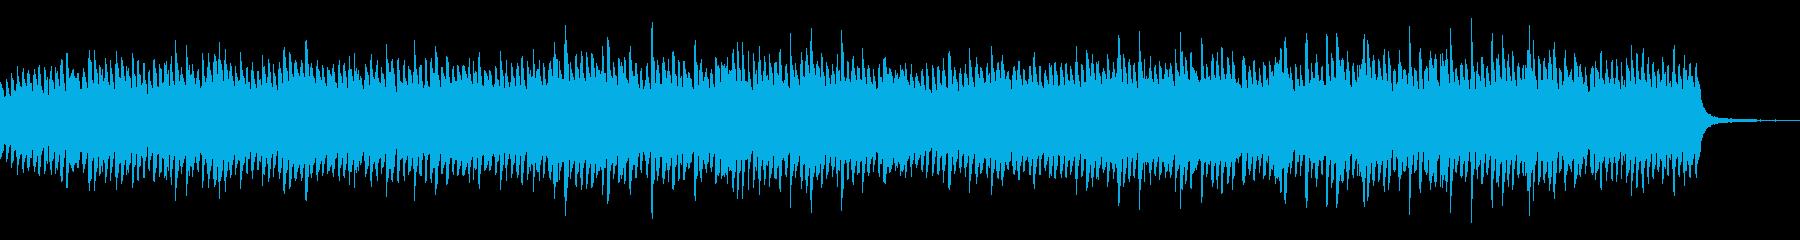 ゆったりとした情緒的ソロピアノの再生済みの波形